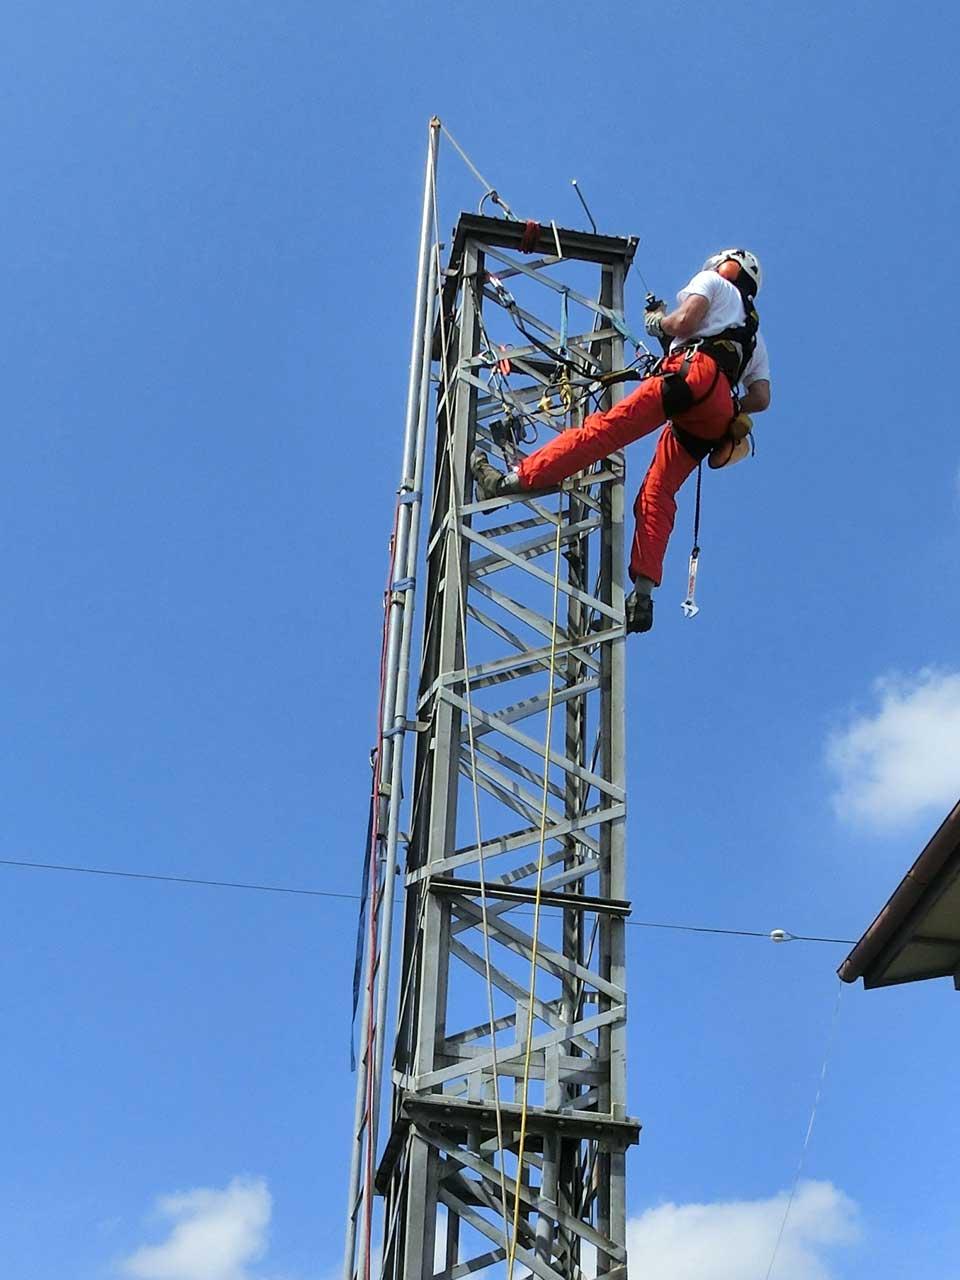 クランクアップタワーの解体撤去工事